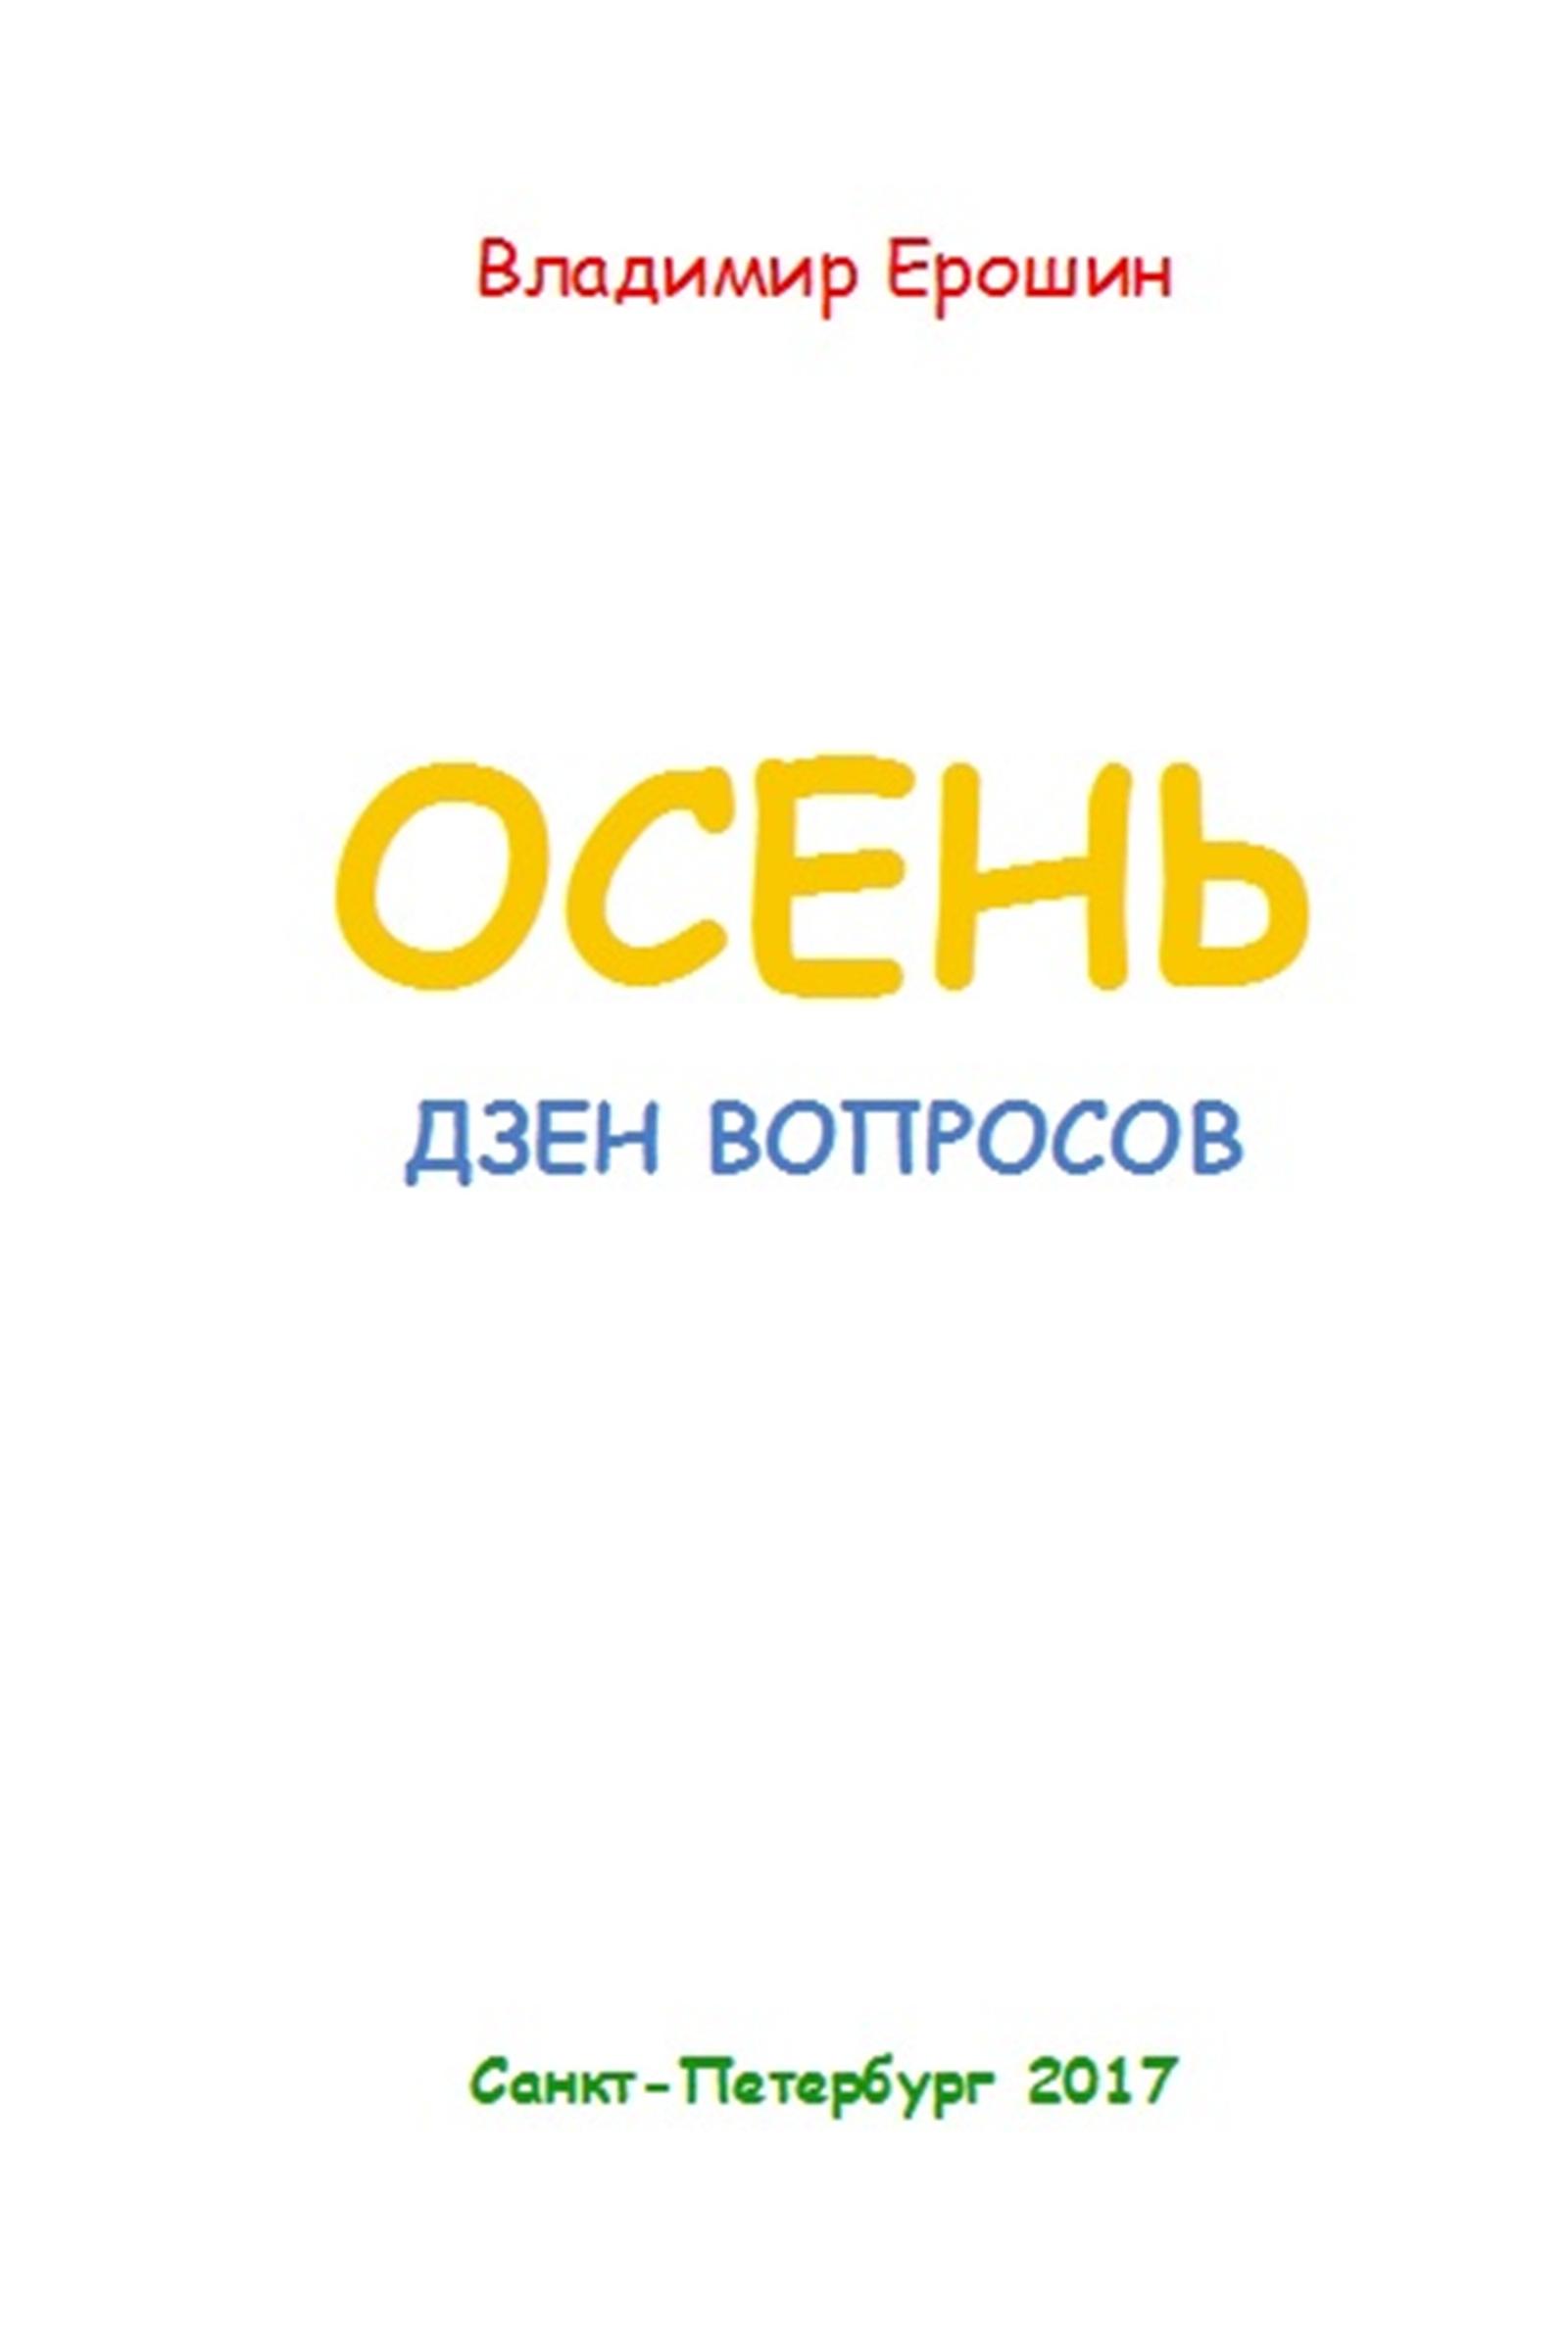 цена на Владимир Ерошин Осень. Дзен вопросов